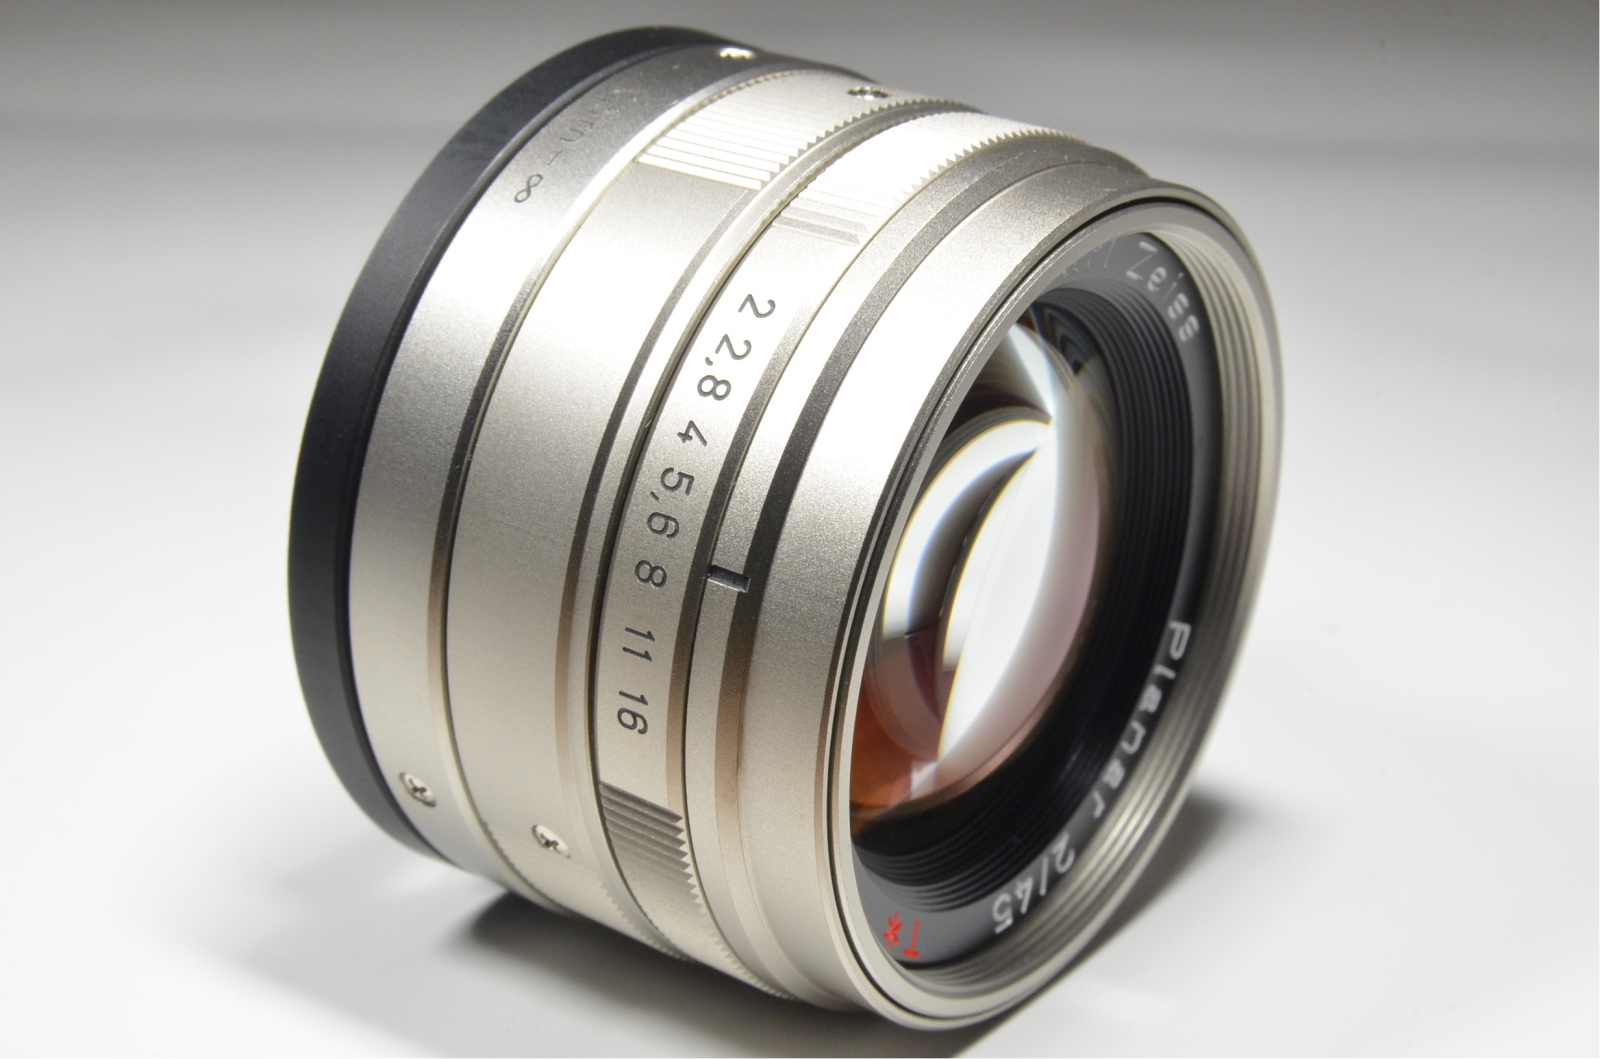 contax g2 with full case, planar 45mm f2, biogon 28mm f2.8, sonnar 90mm f2.8, tla200